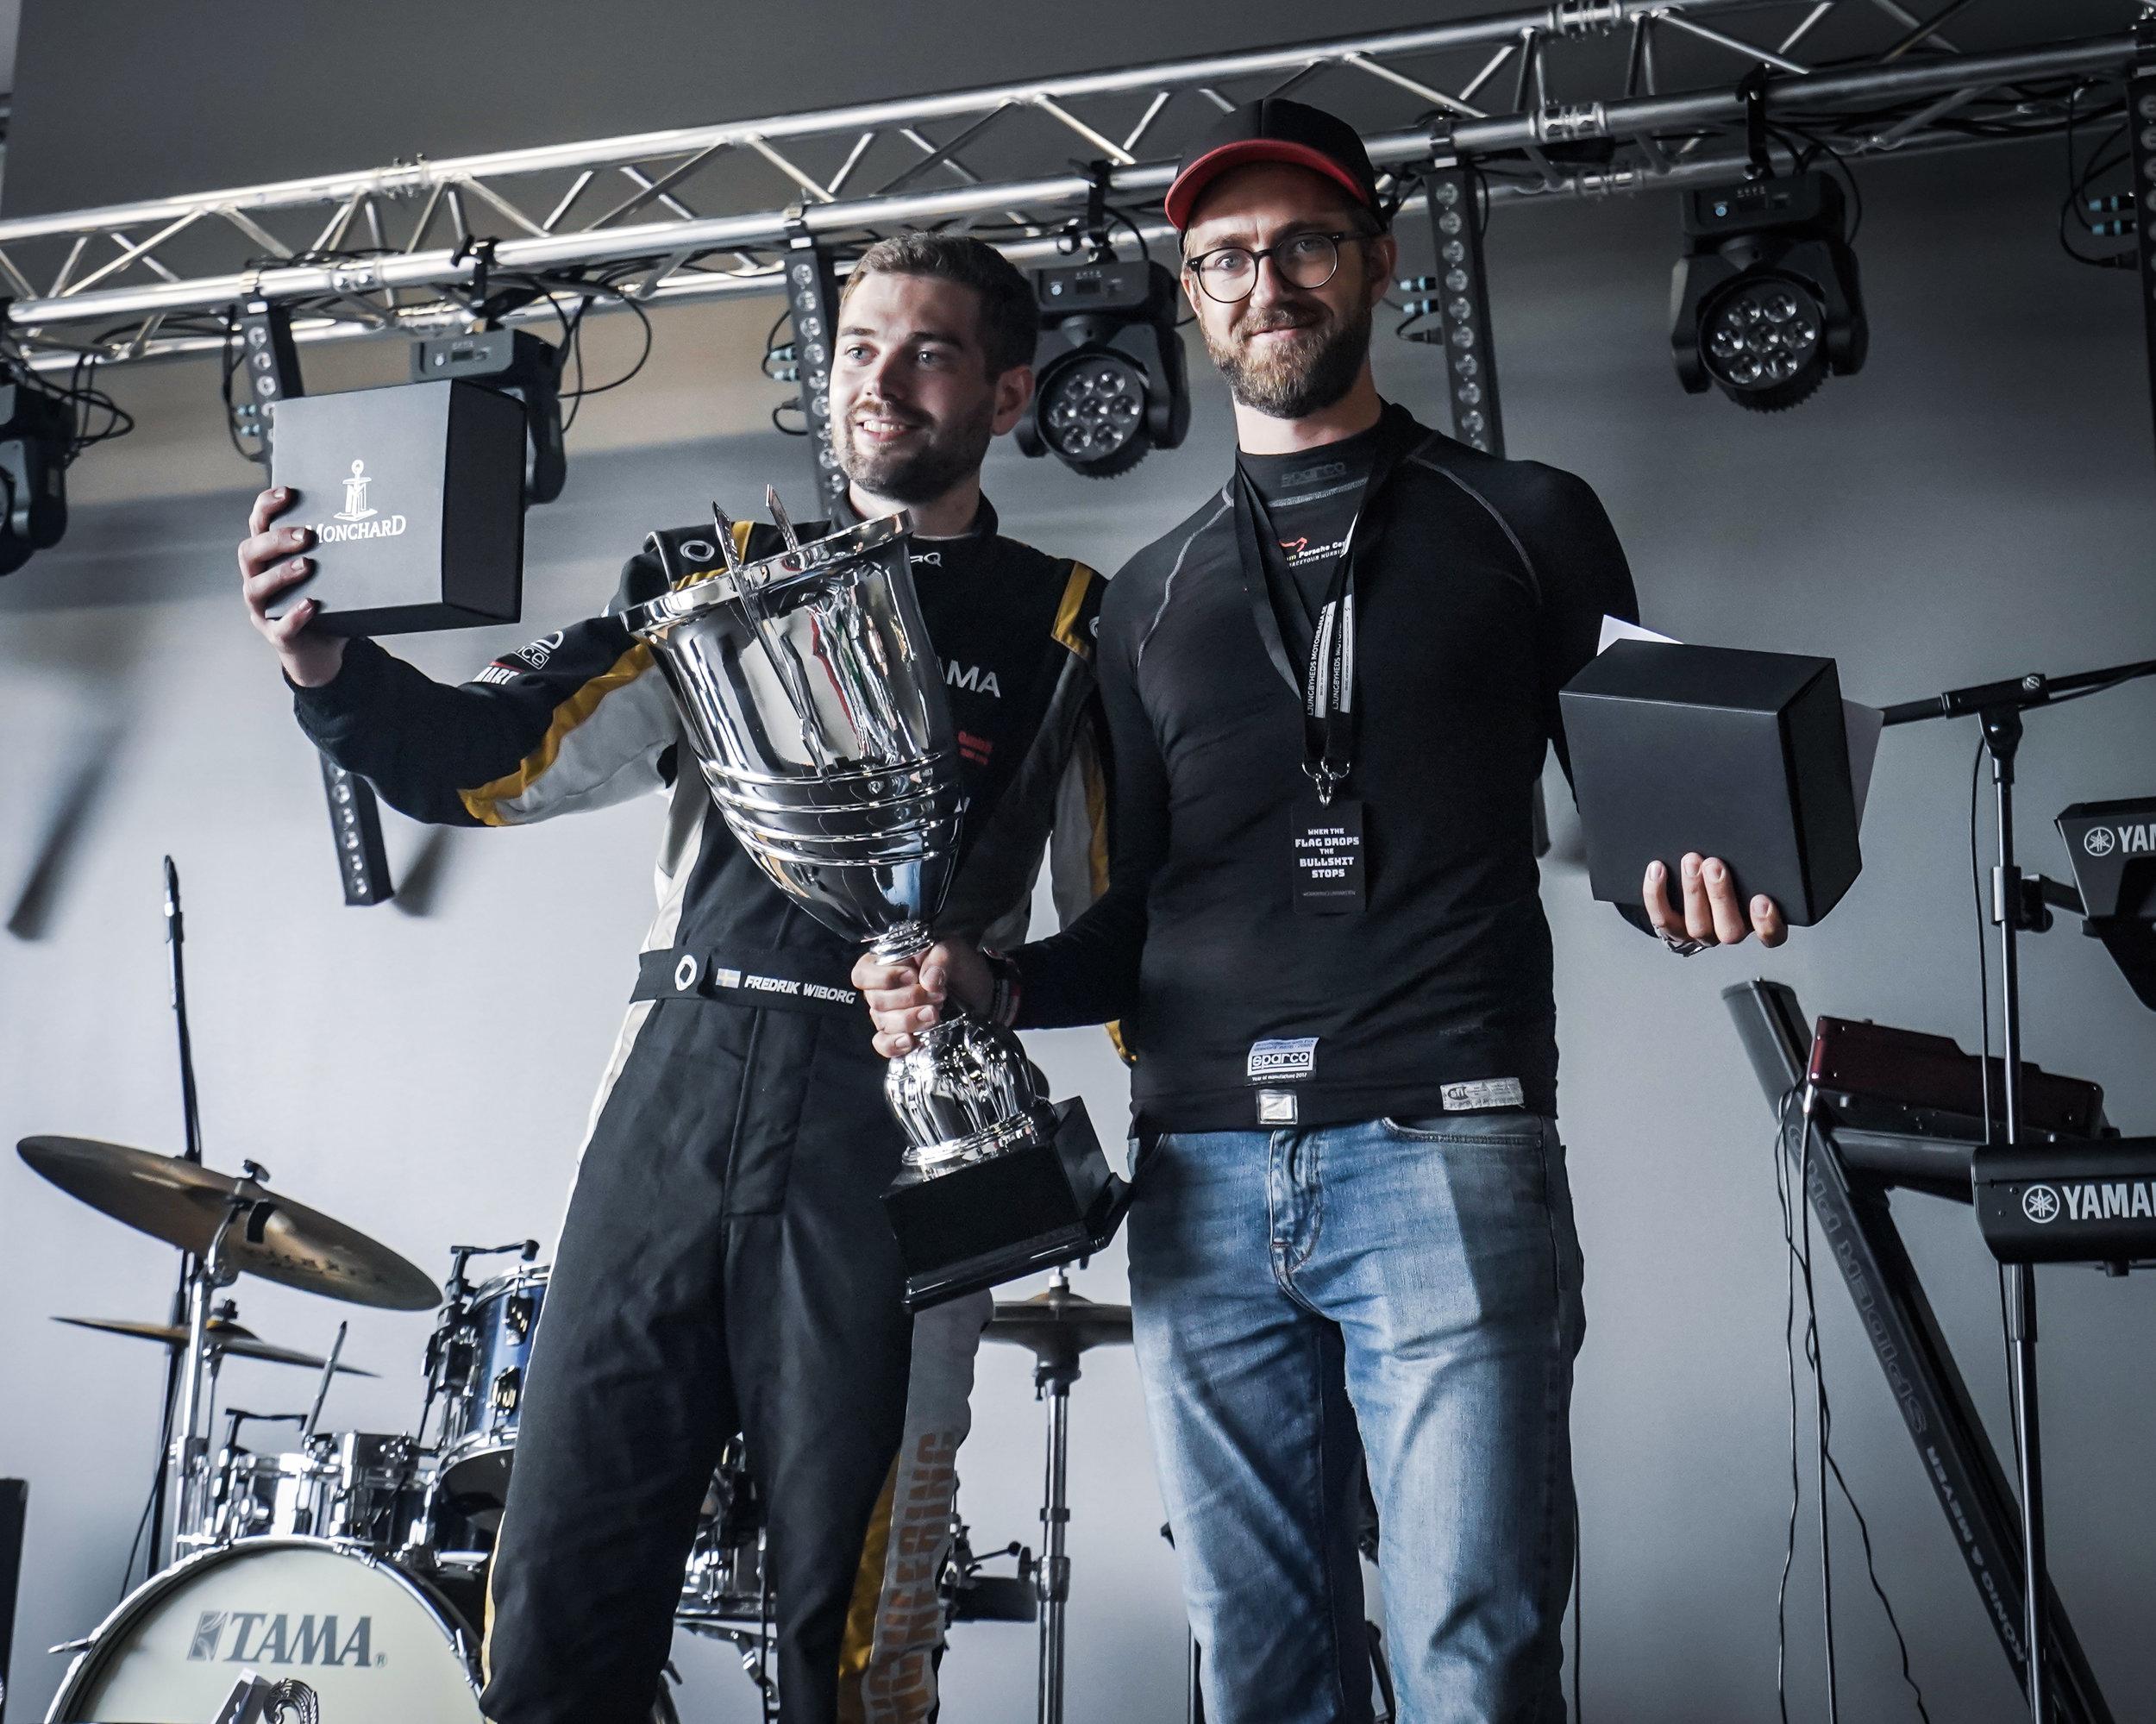 Fredrik Wiborg (segrare Slicks och Nytt banrekord) och John Larsson (segrare R-däck och Totalsegrare)